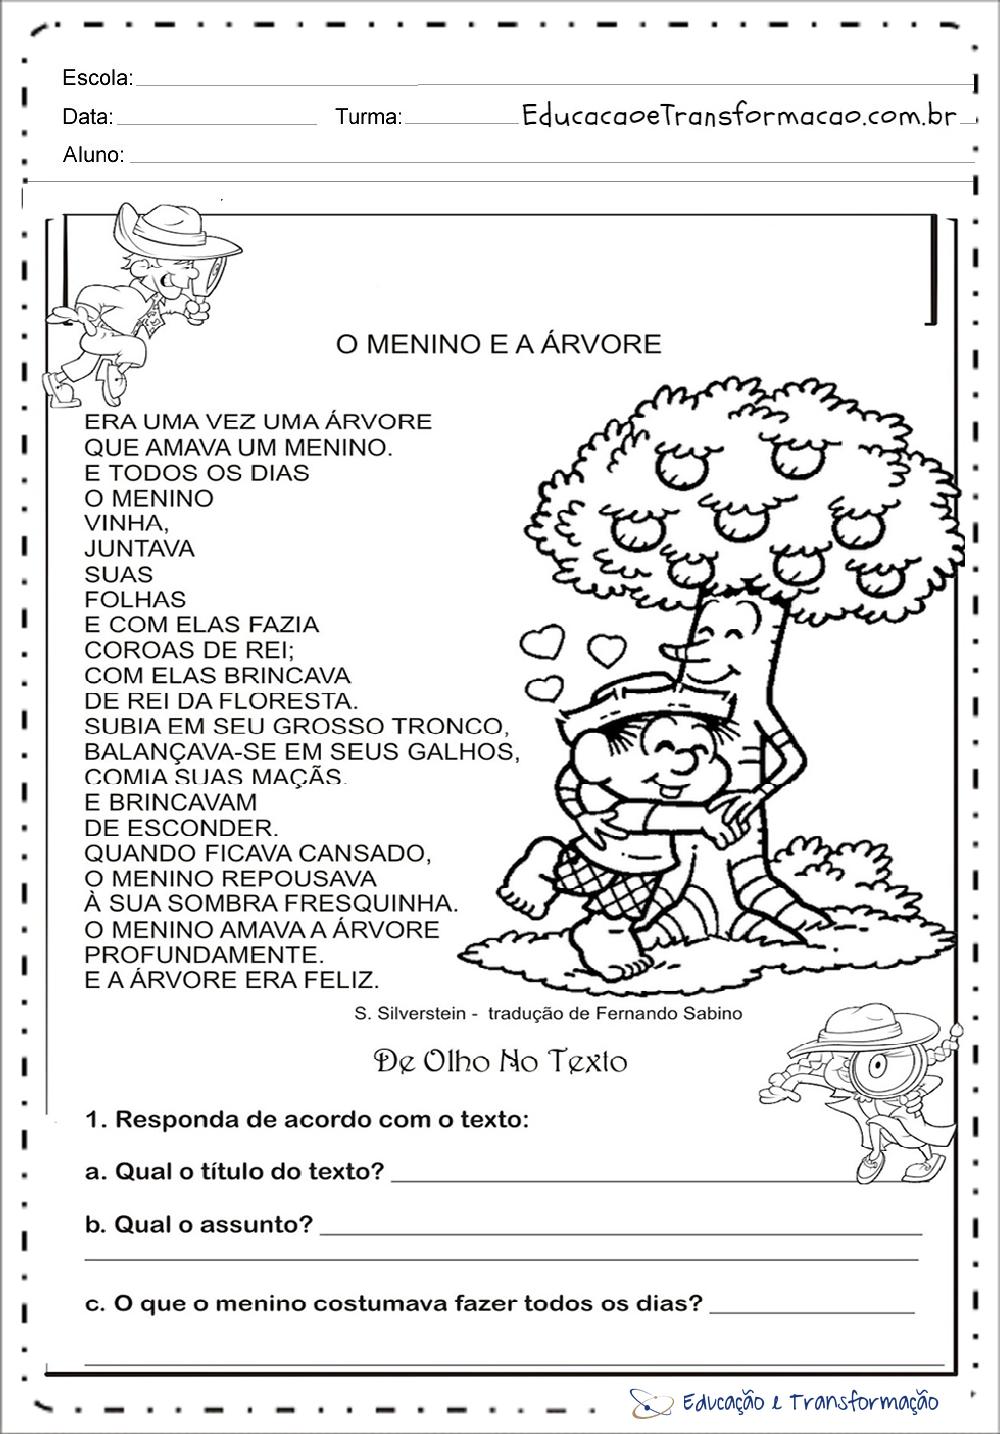 Atividades Meio Ambiente Educacao Infantil Responda Educacao E